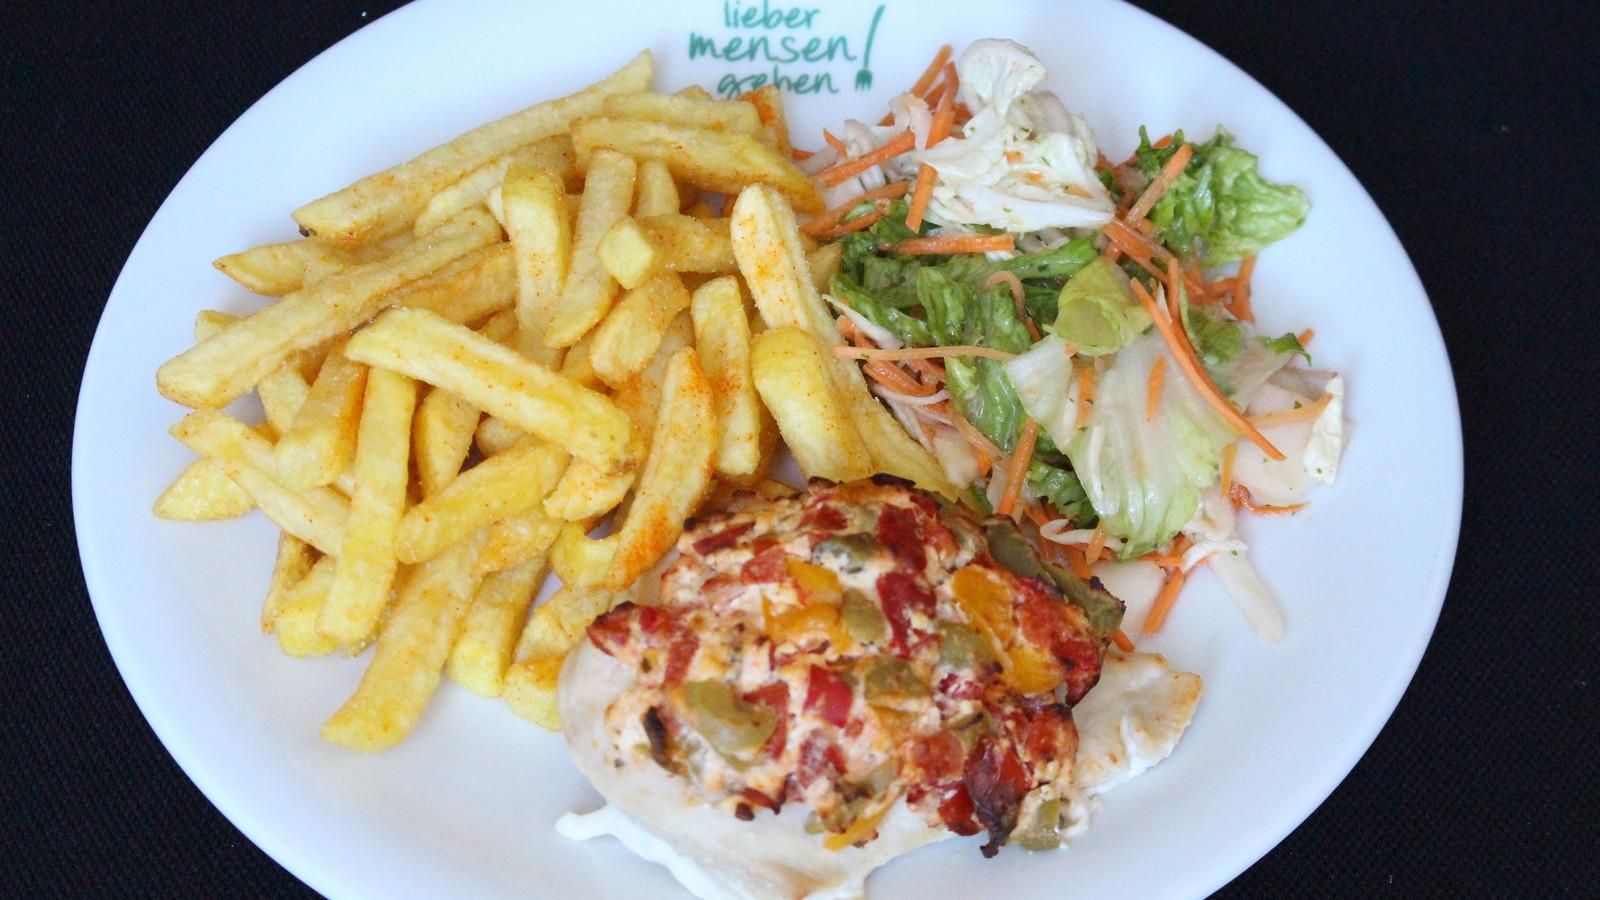 Gratinierte Hähnchenbrust mit Paprika, Tomaten, Oliven und Hirtenkäse, dazu Pommes frites und Salat